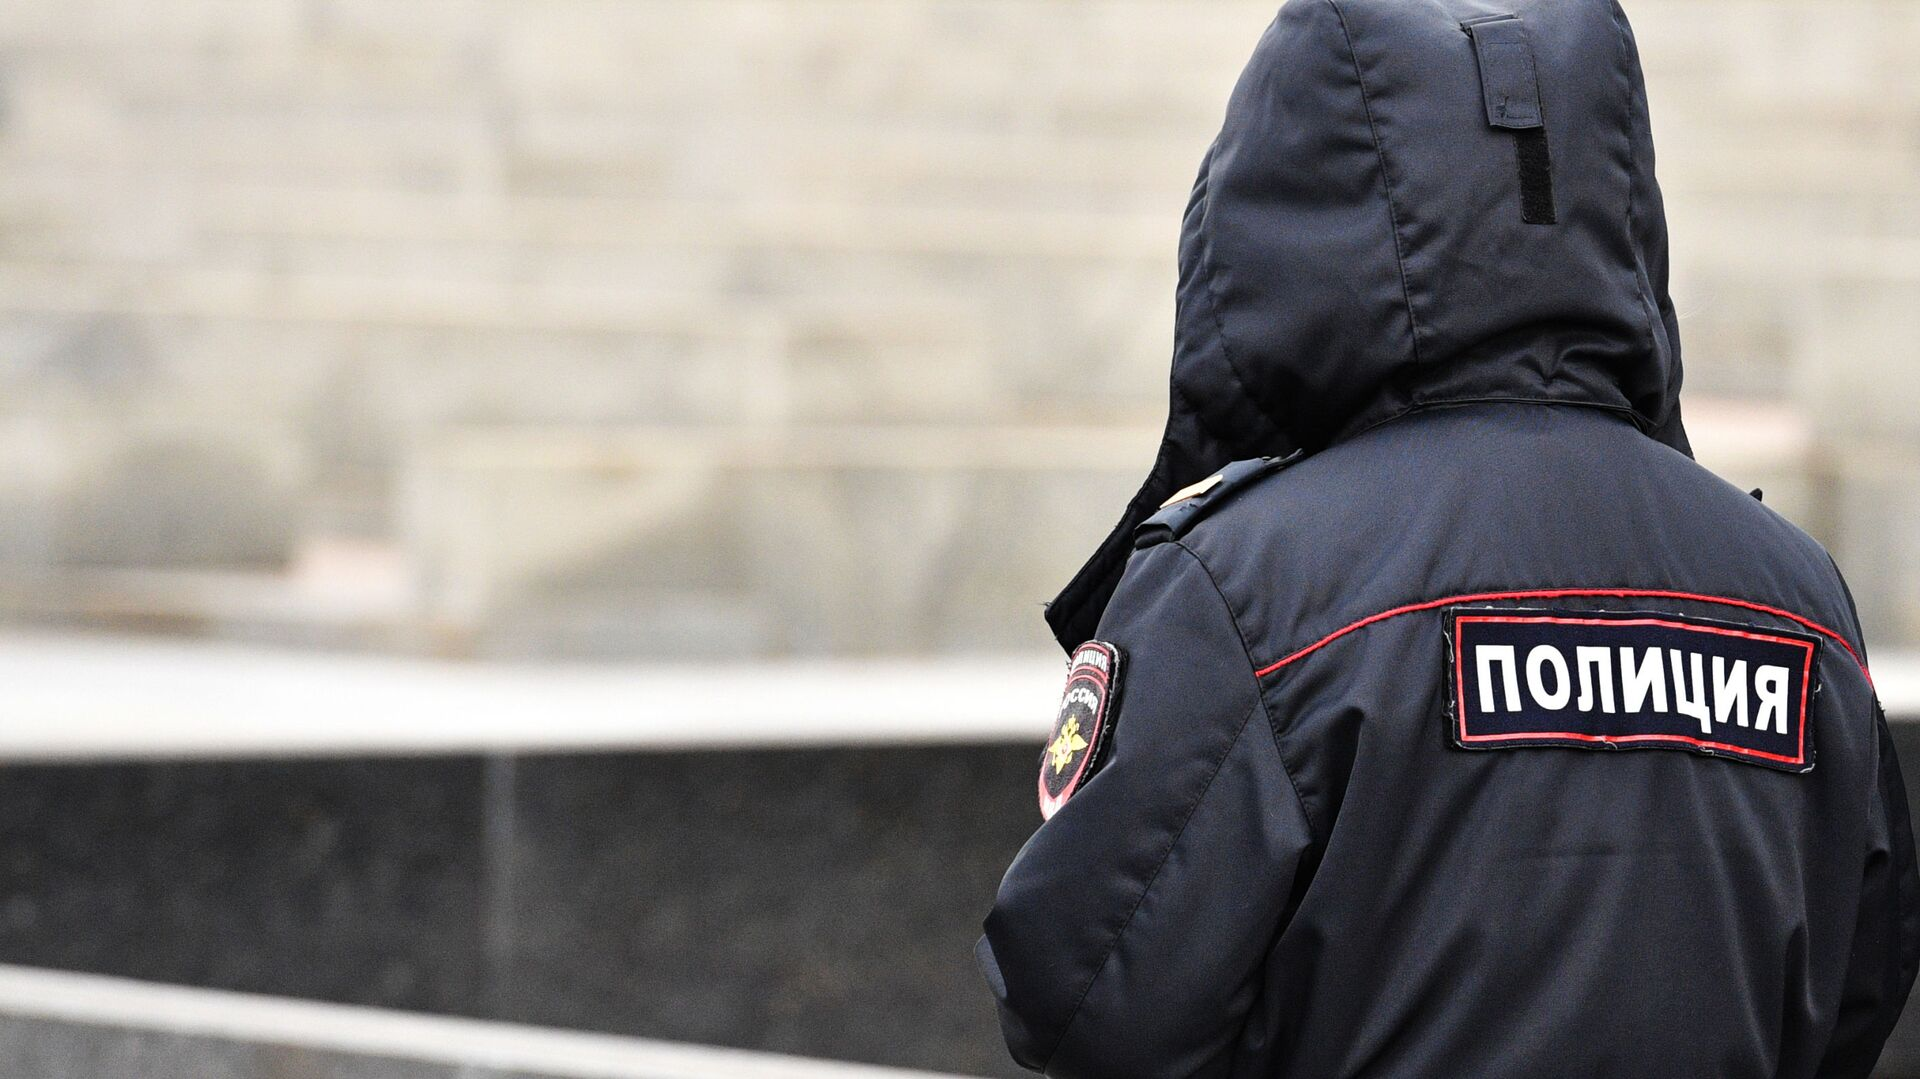 Сотрудник полиции  - РИА Новости, 1920, 21.01.2021